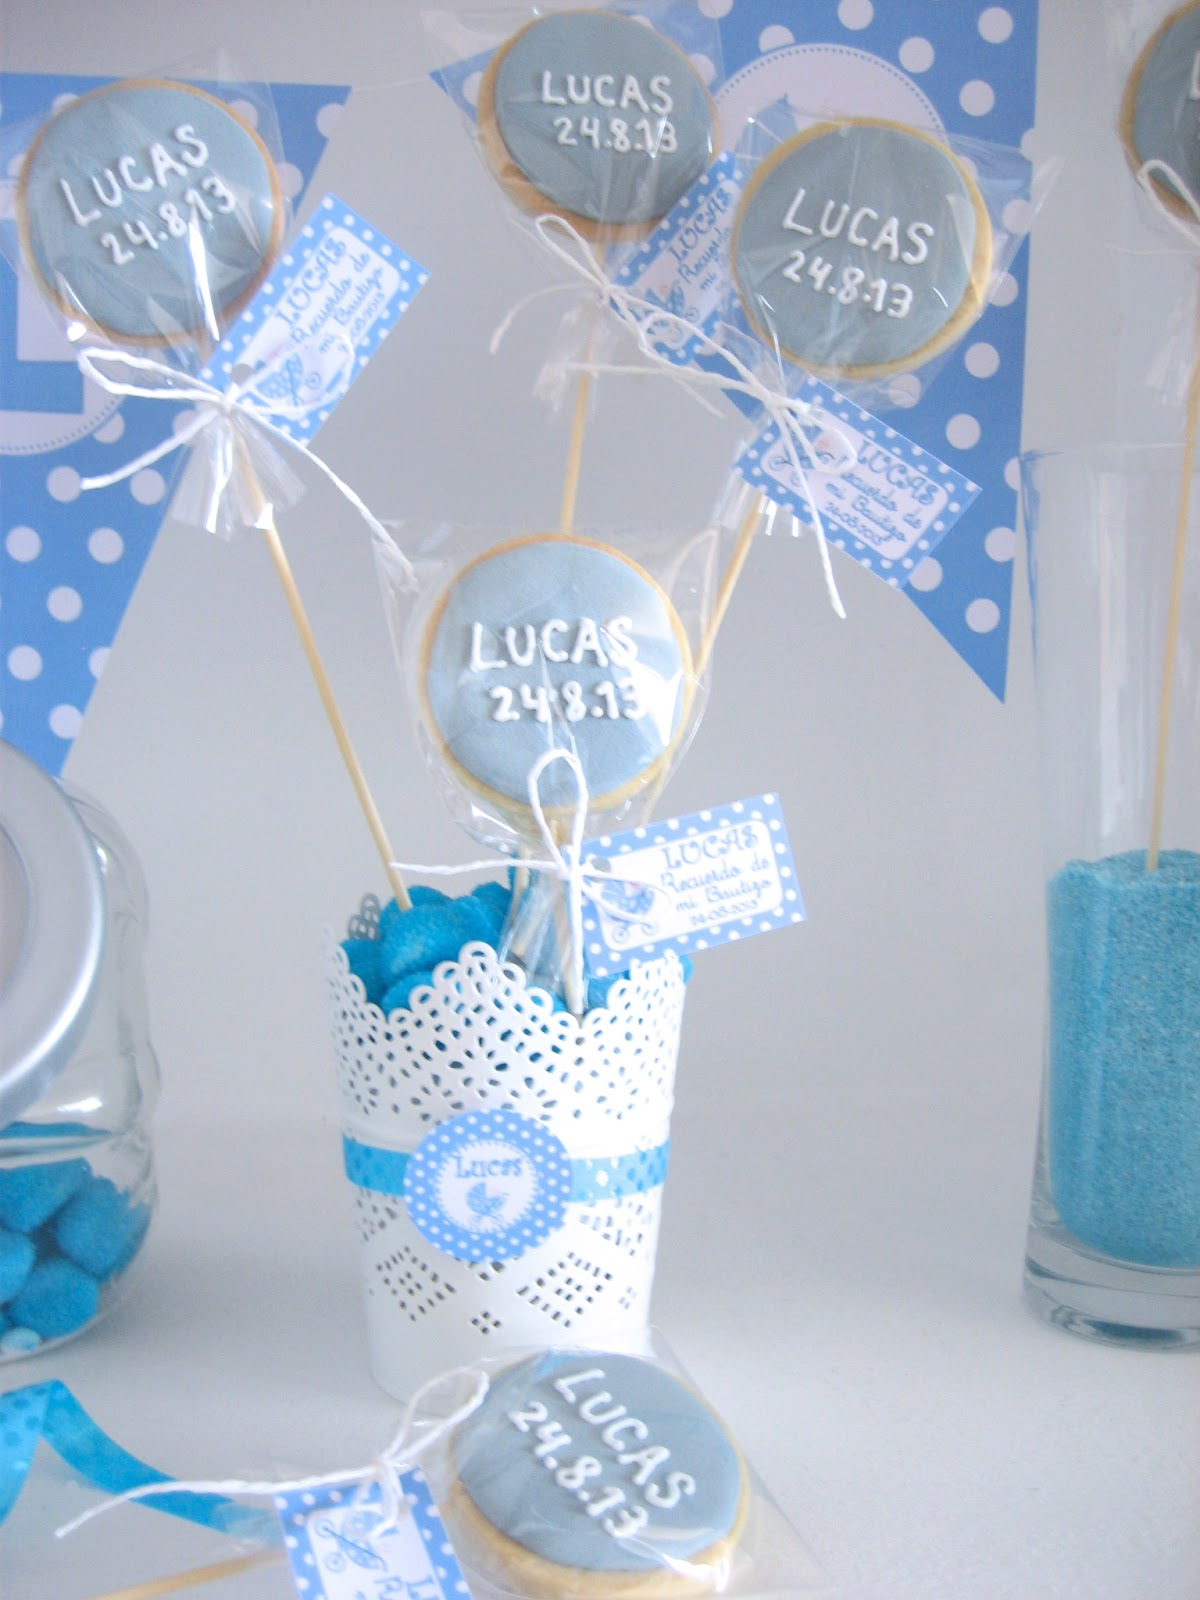 Fiestas tem ticas bcn kits de fiesta imprimibles decoracion bautizo lucas - Decoracion para bautismo varon ...